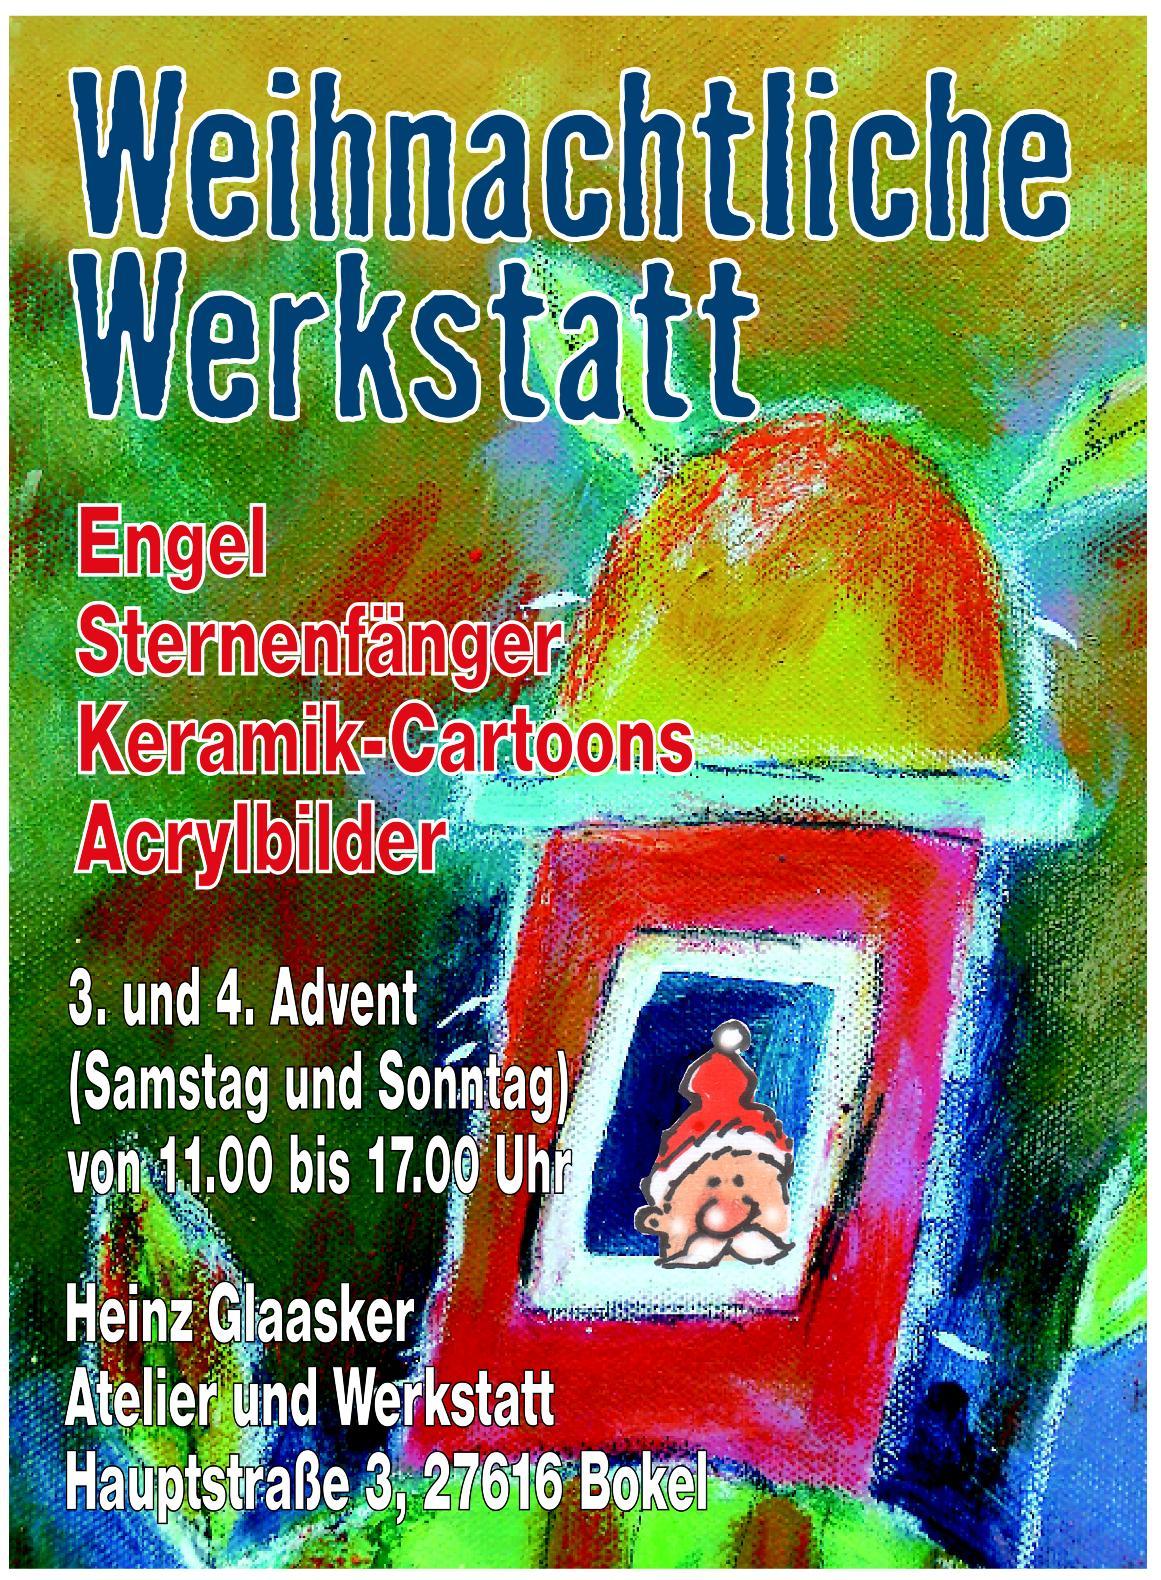 Weihnachtliche Werkstatt Heinz Glaasker